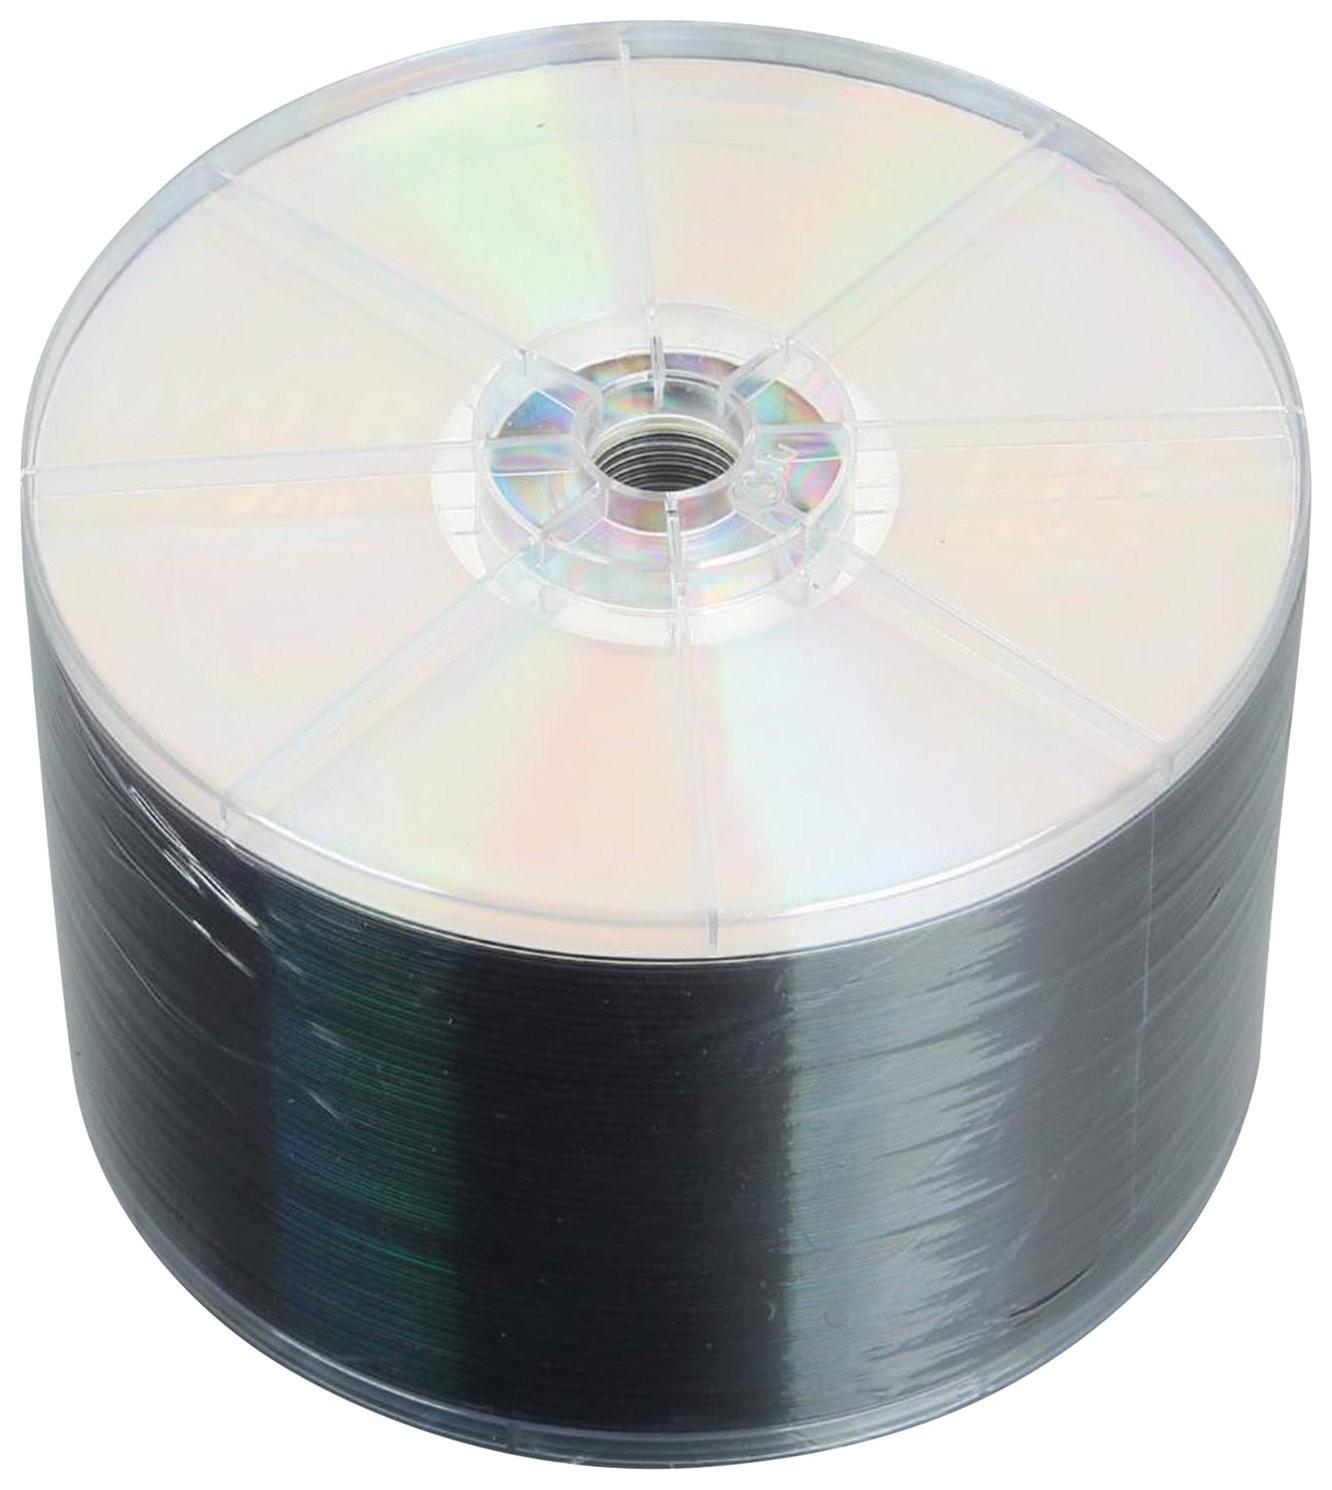 Диски Dvd-r Vs 4,7 Gb 16x, комплект 50 шт., Bulk  Vs